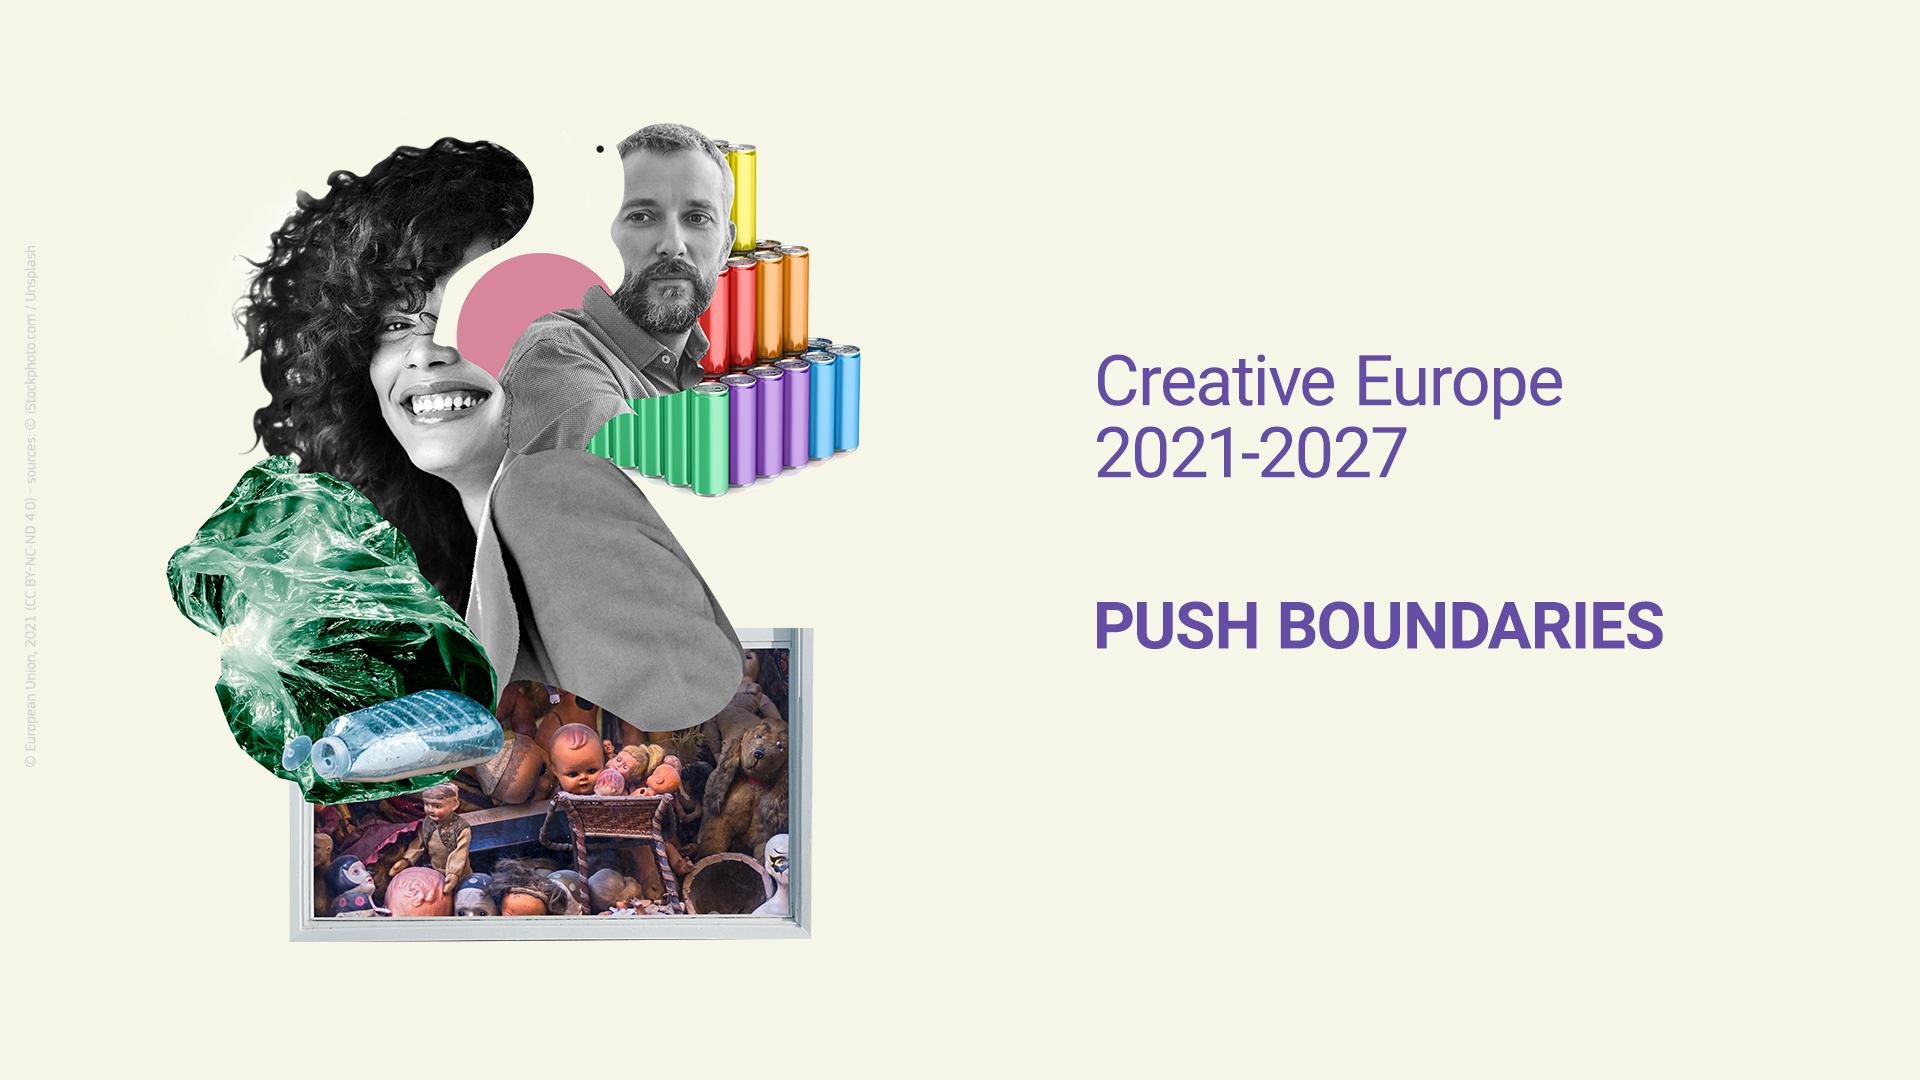 Imagen del nuevo Programa Europa Creativa 2021-2027. Collage compuesto por el rostro de dos personas y elementos creativos alrededor (sprays, materiales reutlizables, etc.)